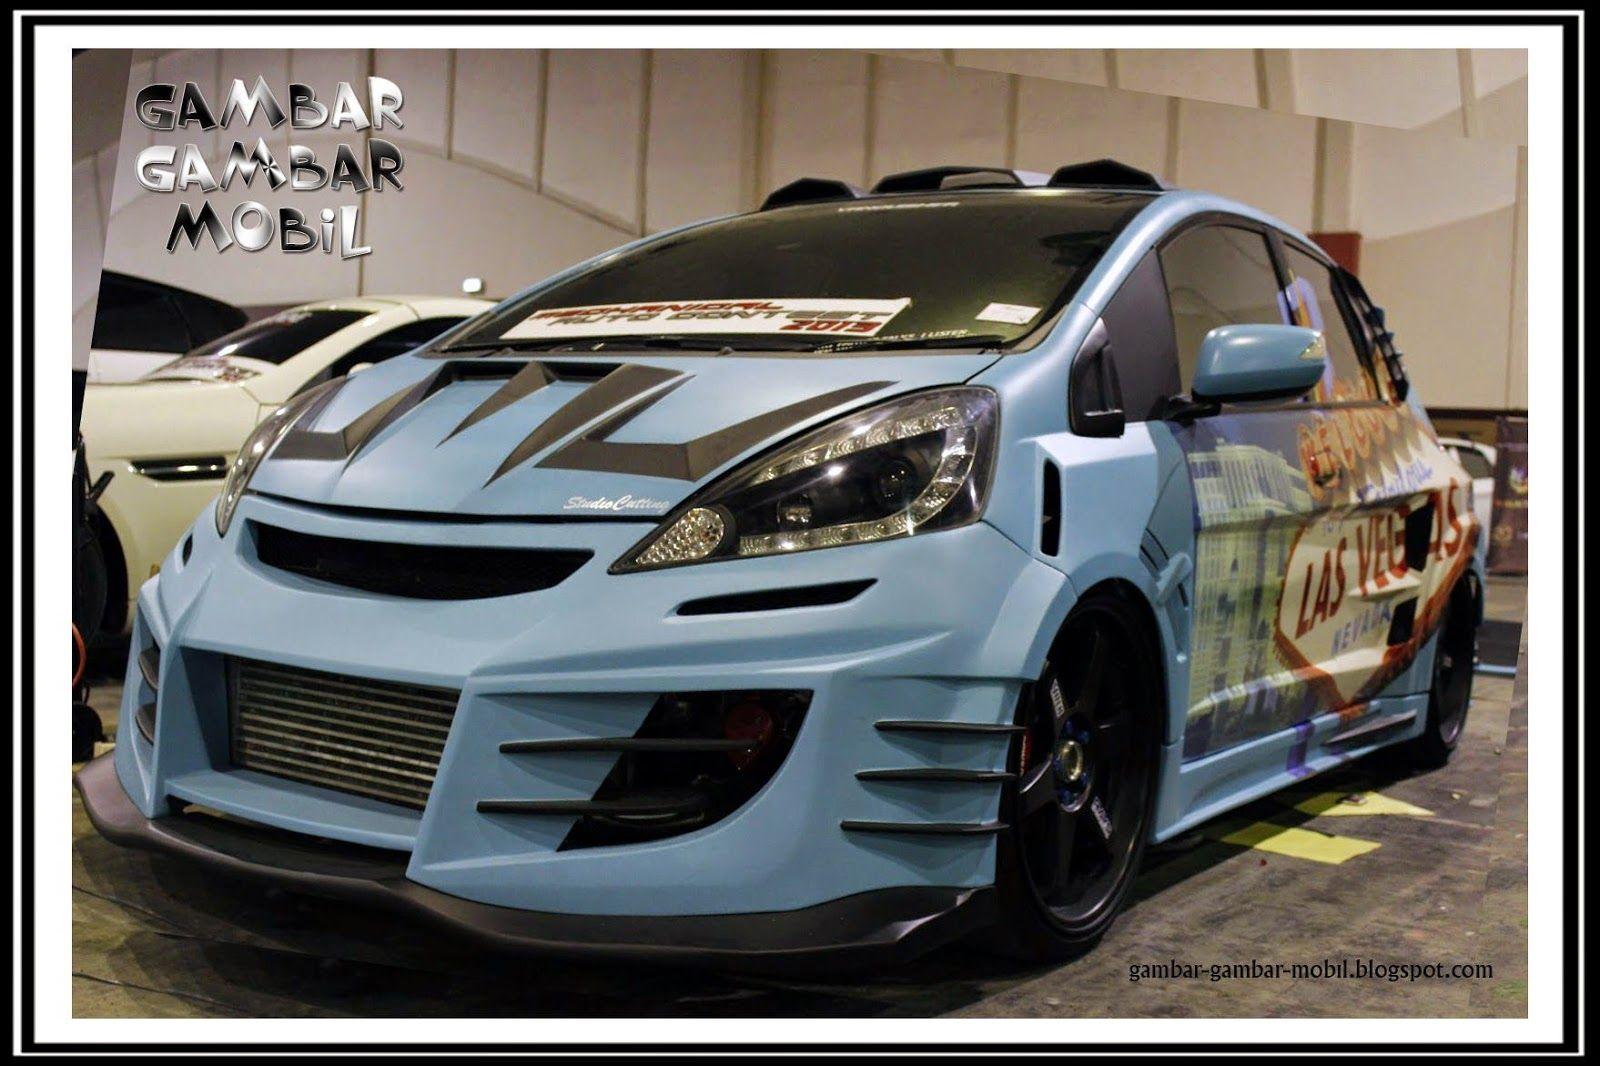 Gambar Mobil Honda Terbaru Gambar Gambar Mobil Honda Mobil Jazz